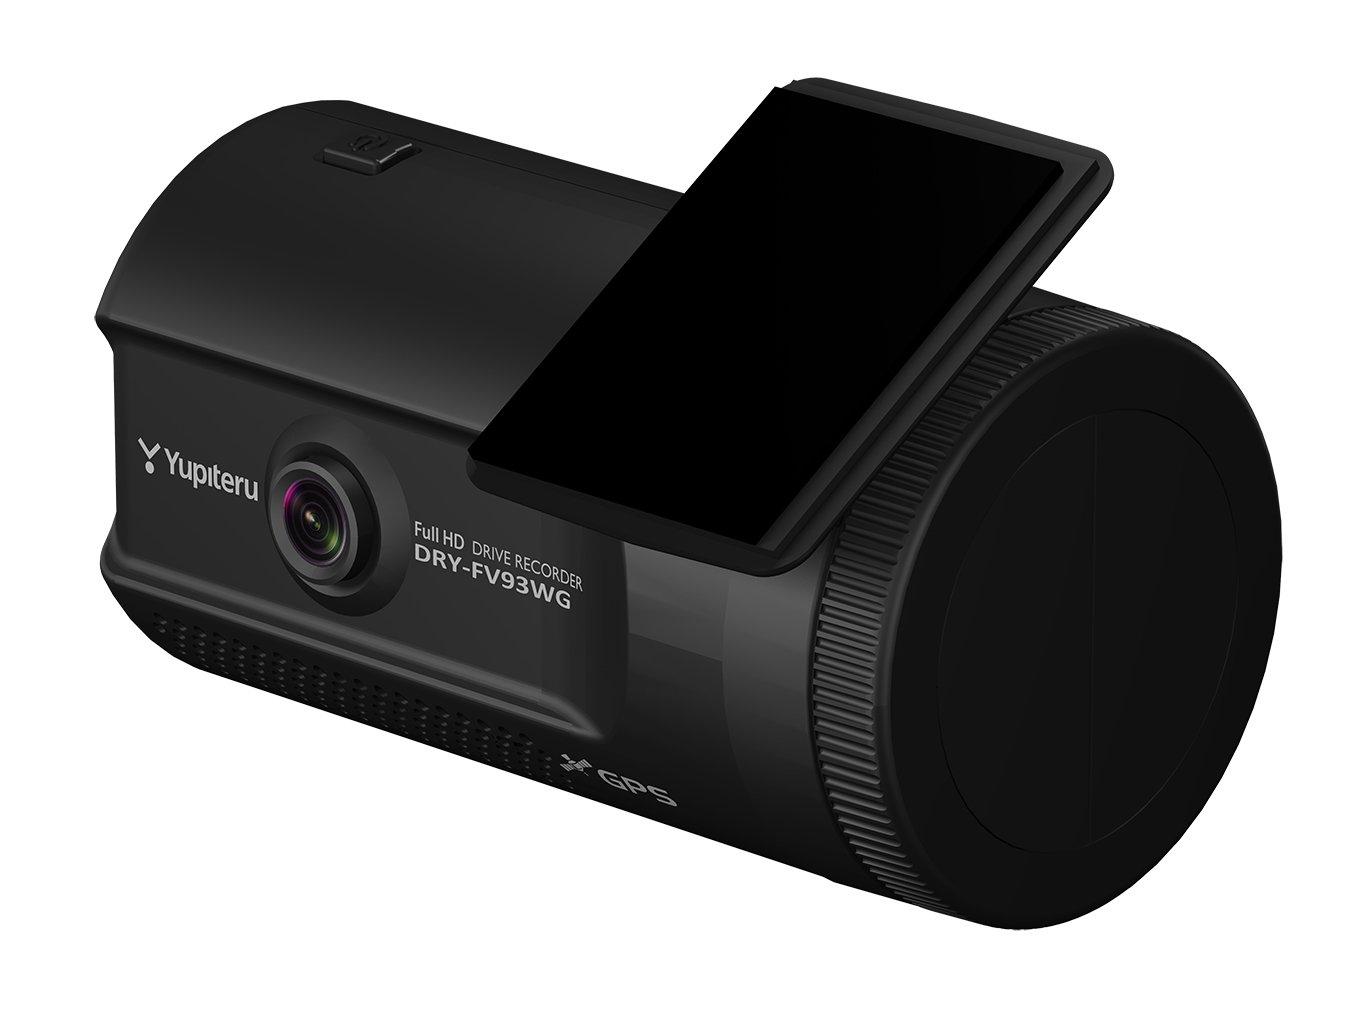 ユピテル(YUPITERU) 常時録画ドライブレコーダー200万画素Full HD画質 DRY-FV93WG B00I17TIDO